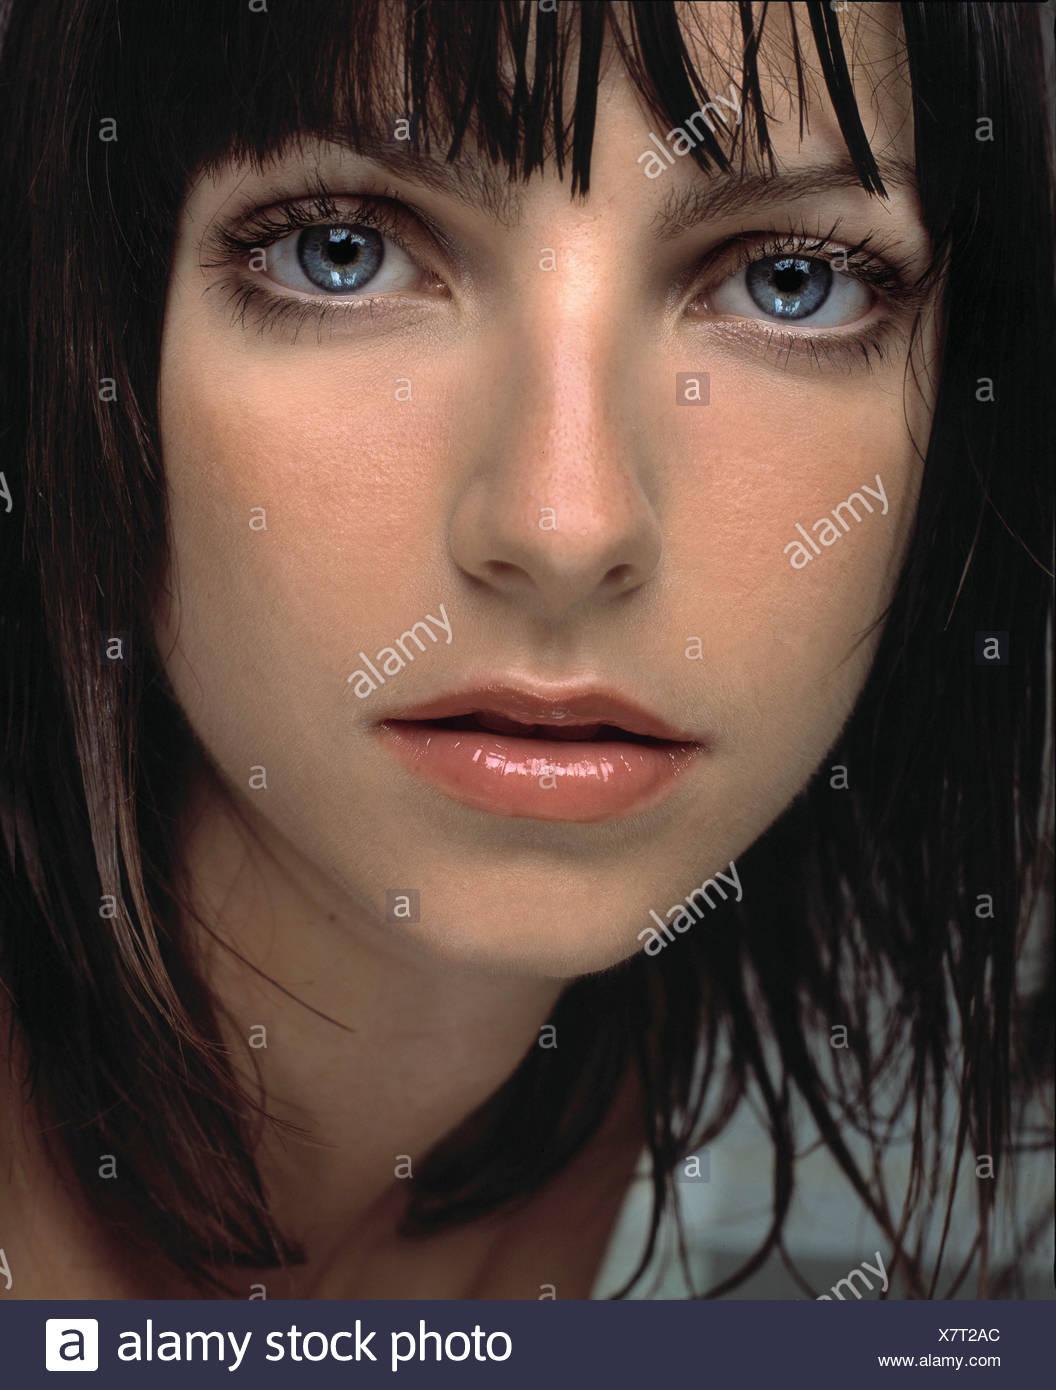 Female Straight Shoulder Length Wet Brunette Hair And Fringe Wearing